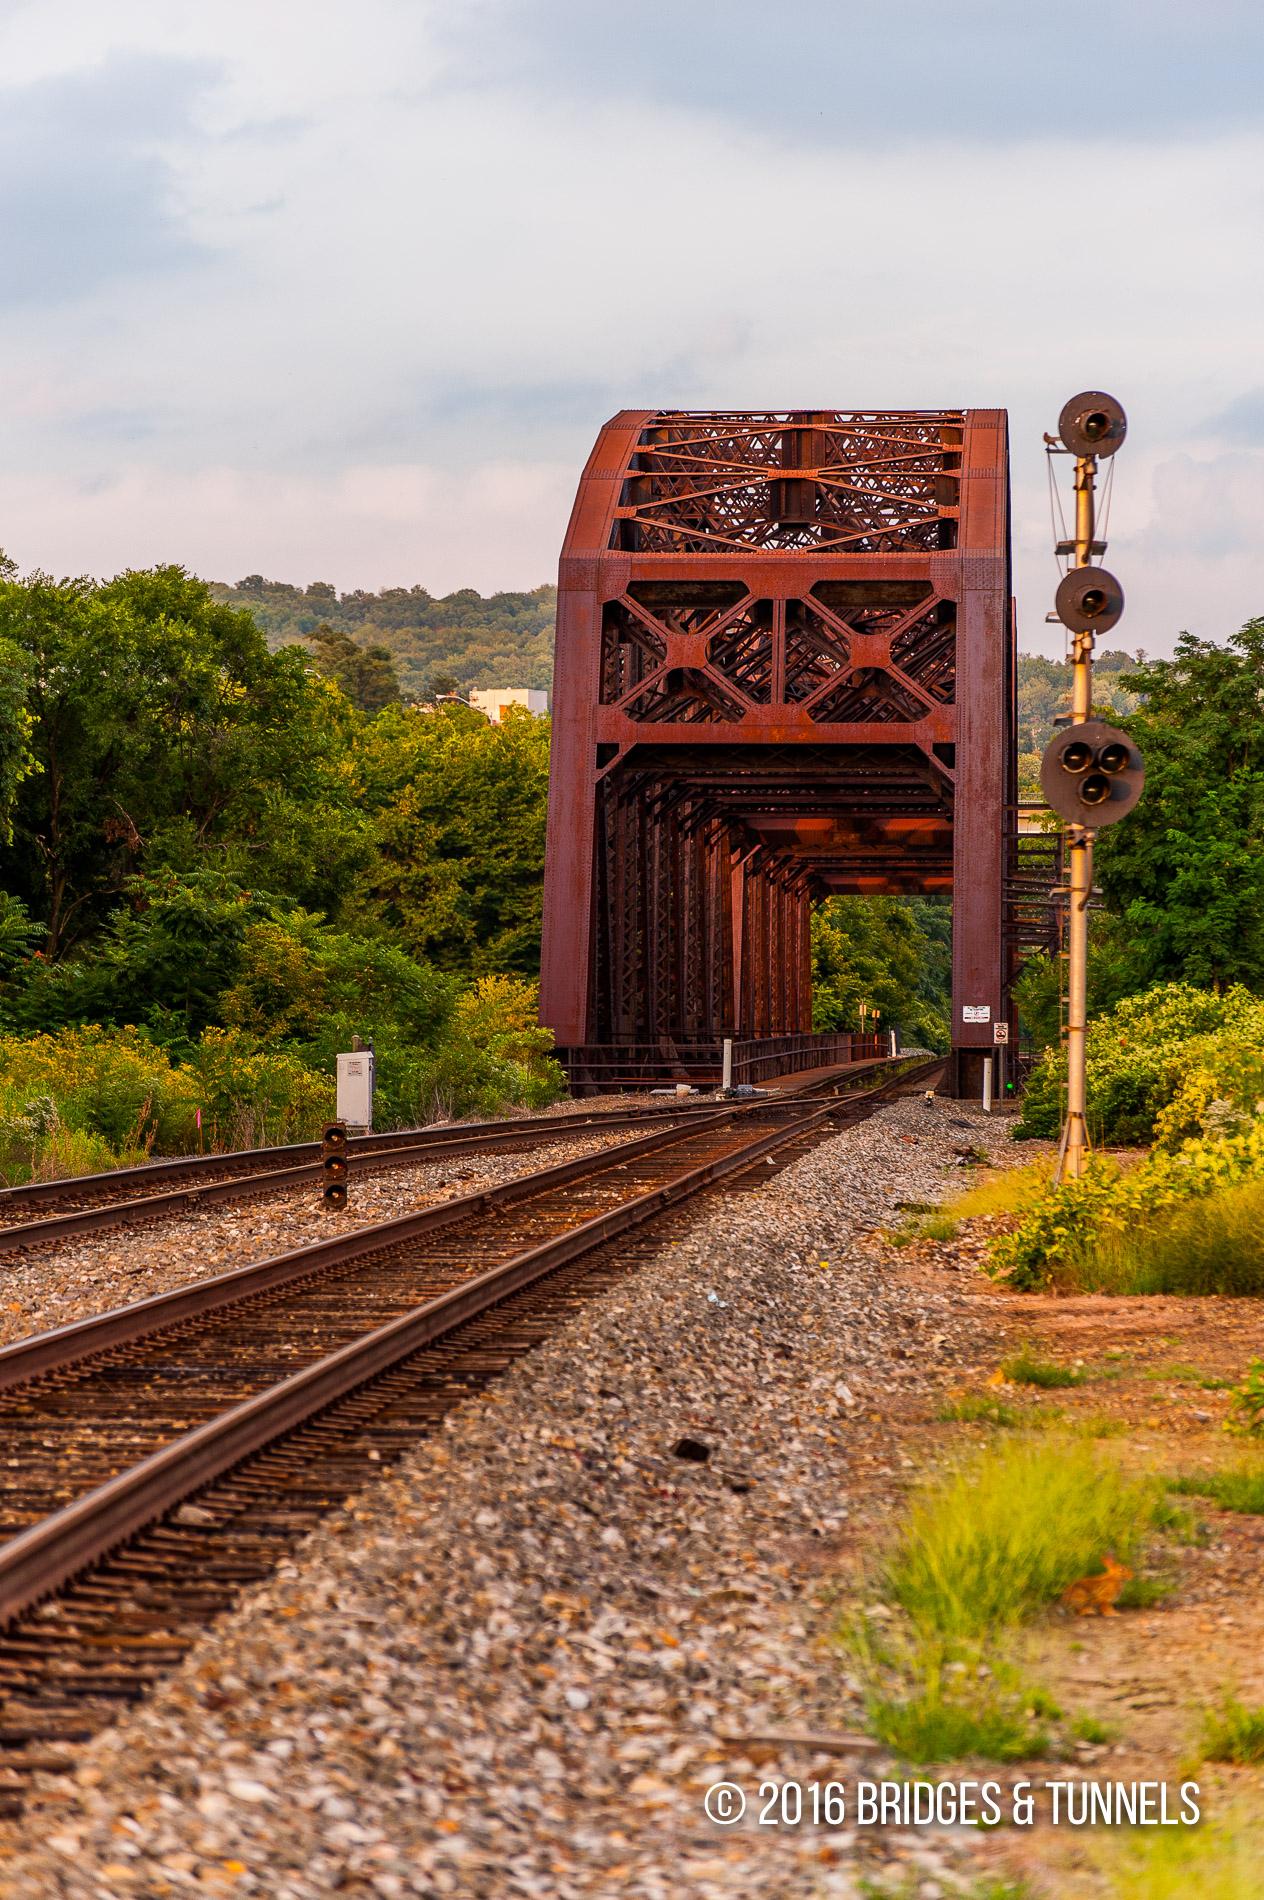 Rochester-Beaver Railroad Bridge